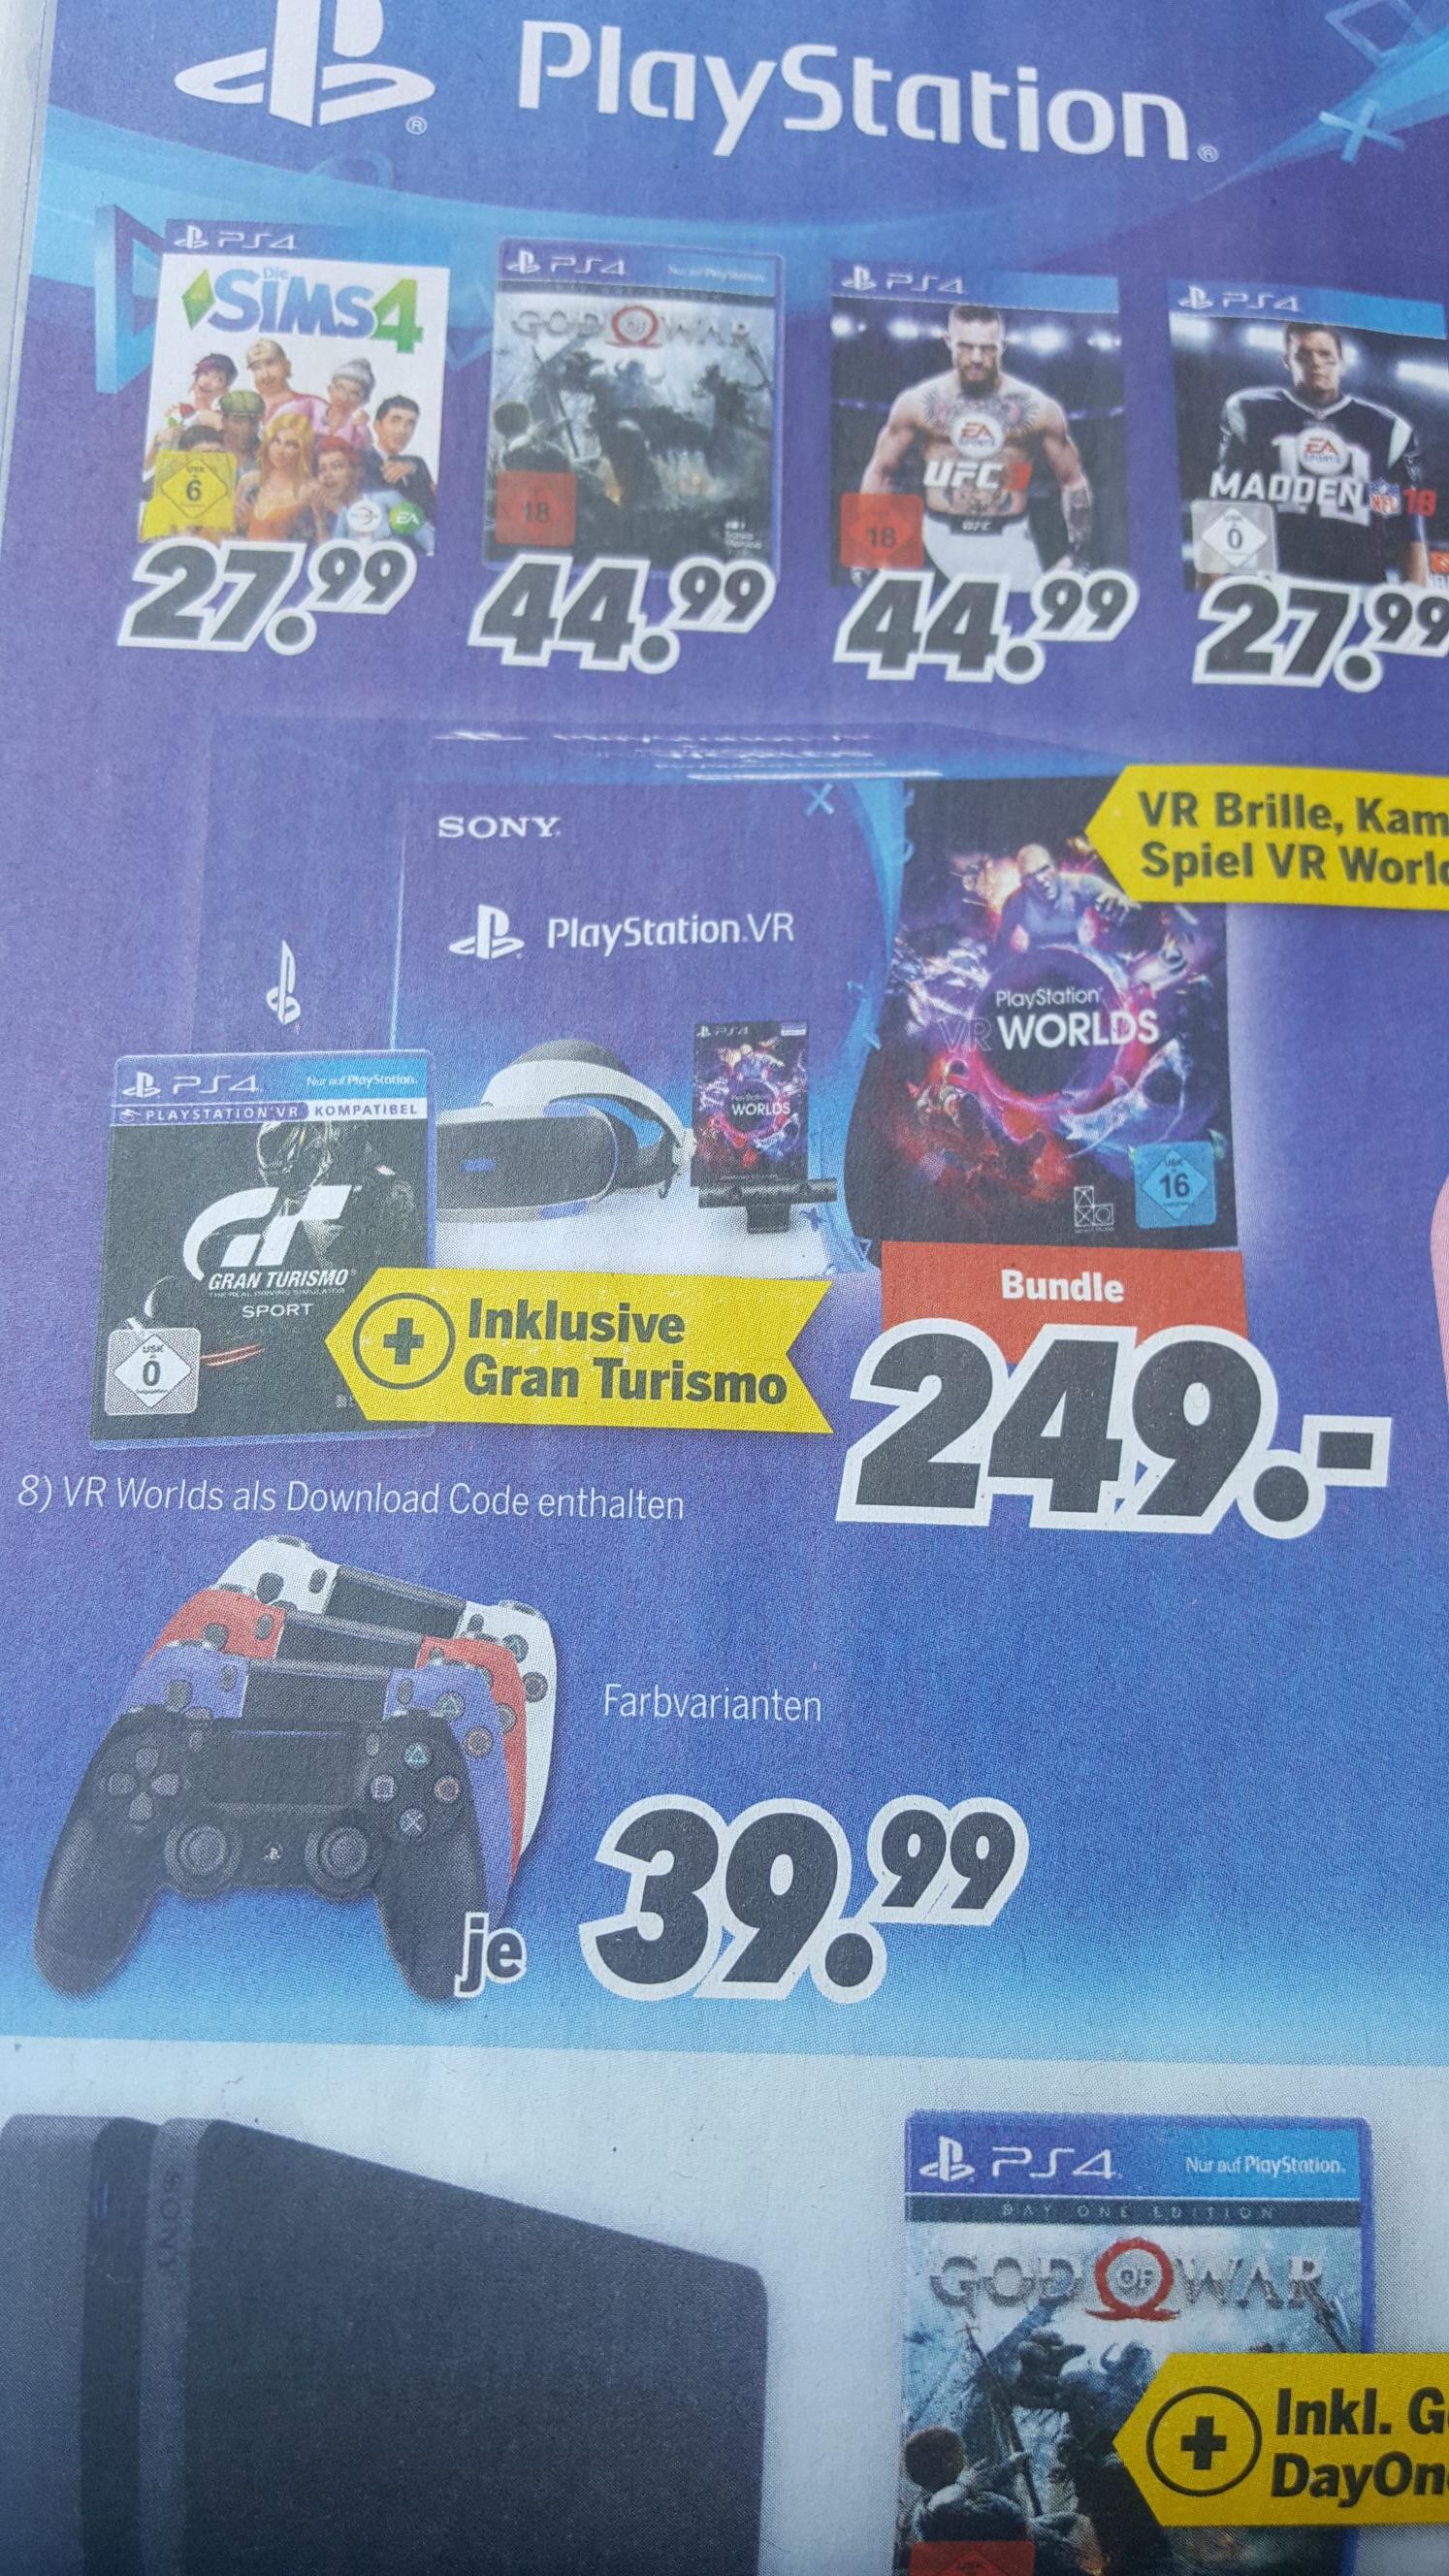 [MediMax] Playstation VR + GT für 249 € / Controller 39,99